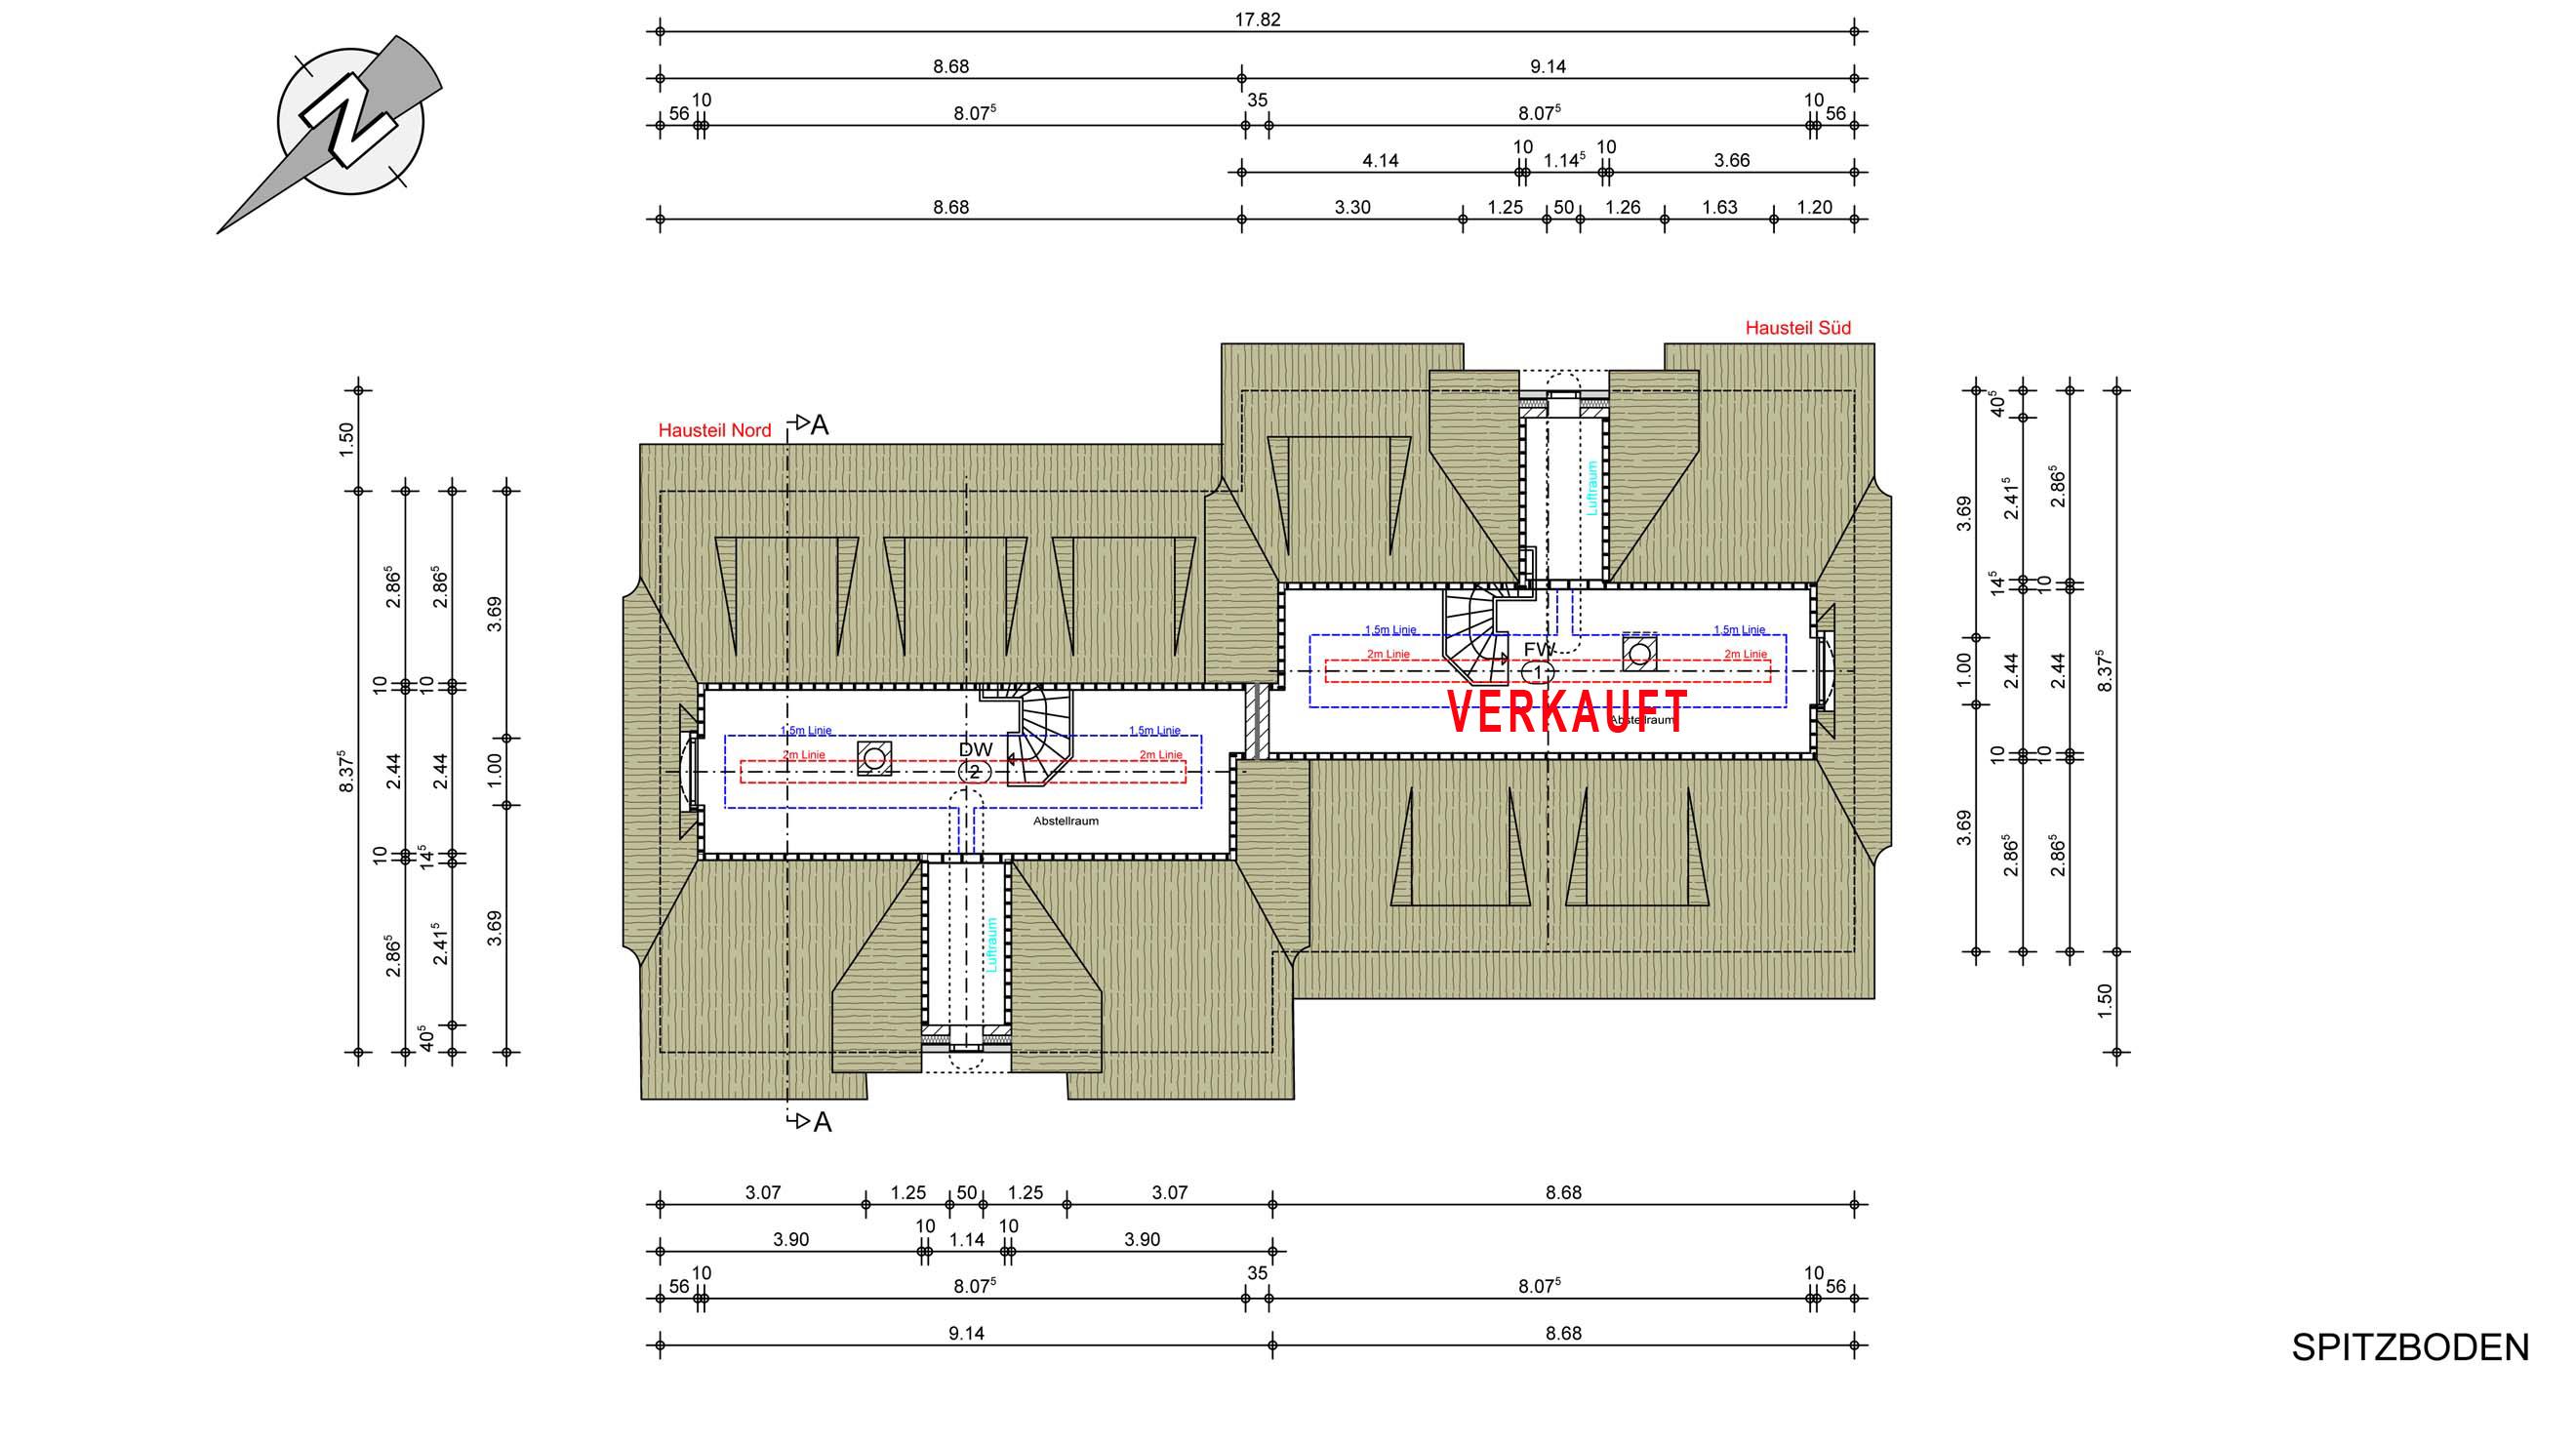 Großartig Verdrahtung 1 Phasen Schaltplan Galerie - Schaltplan Serie ...